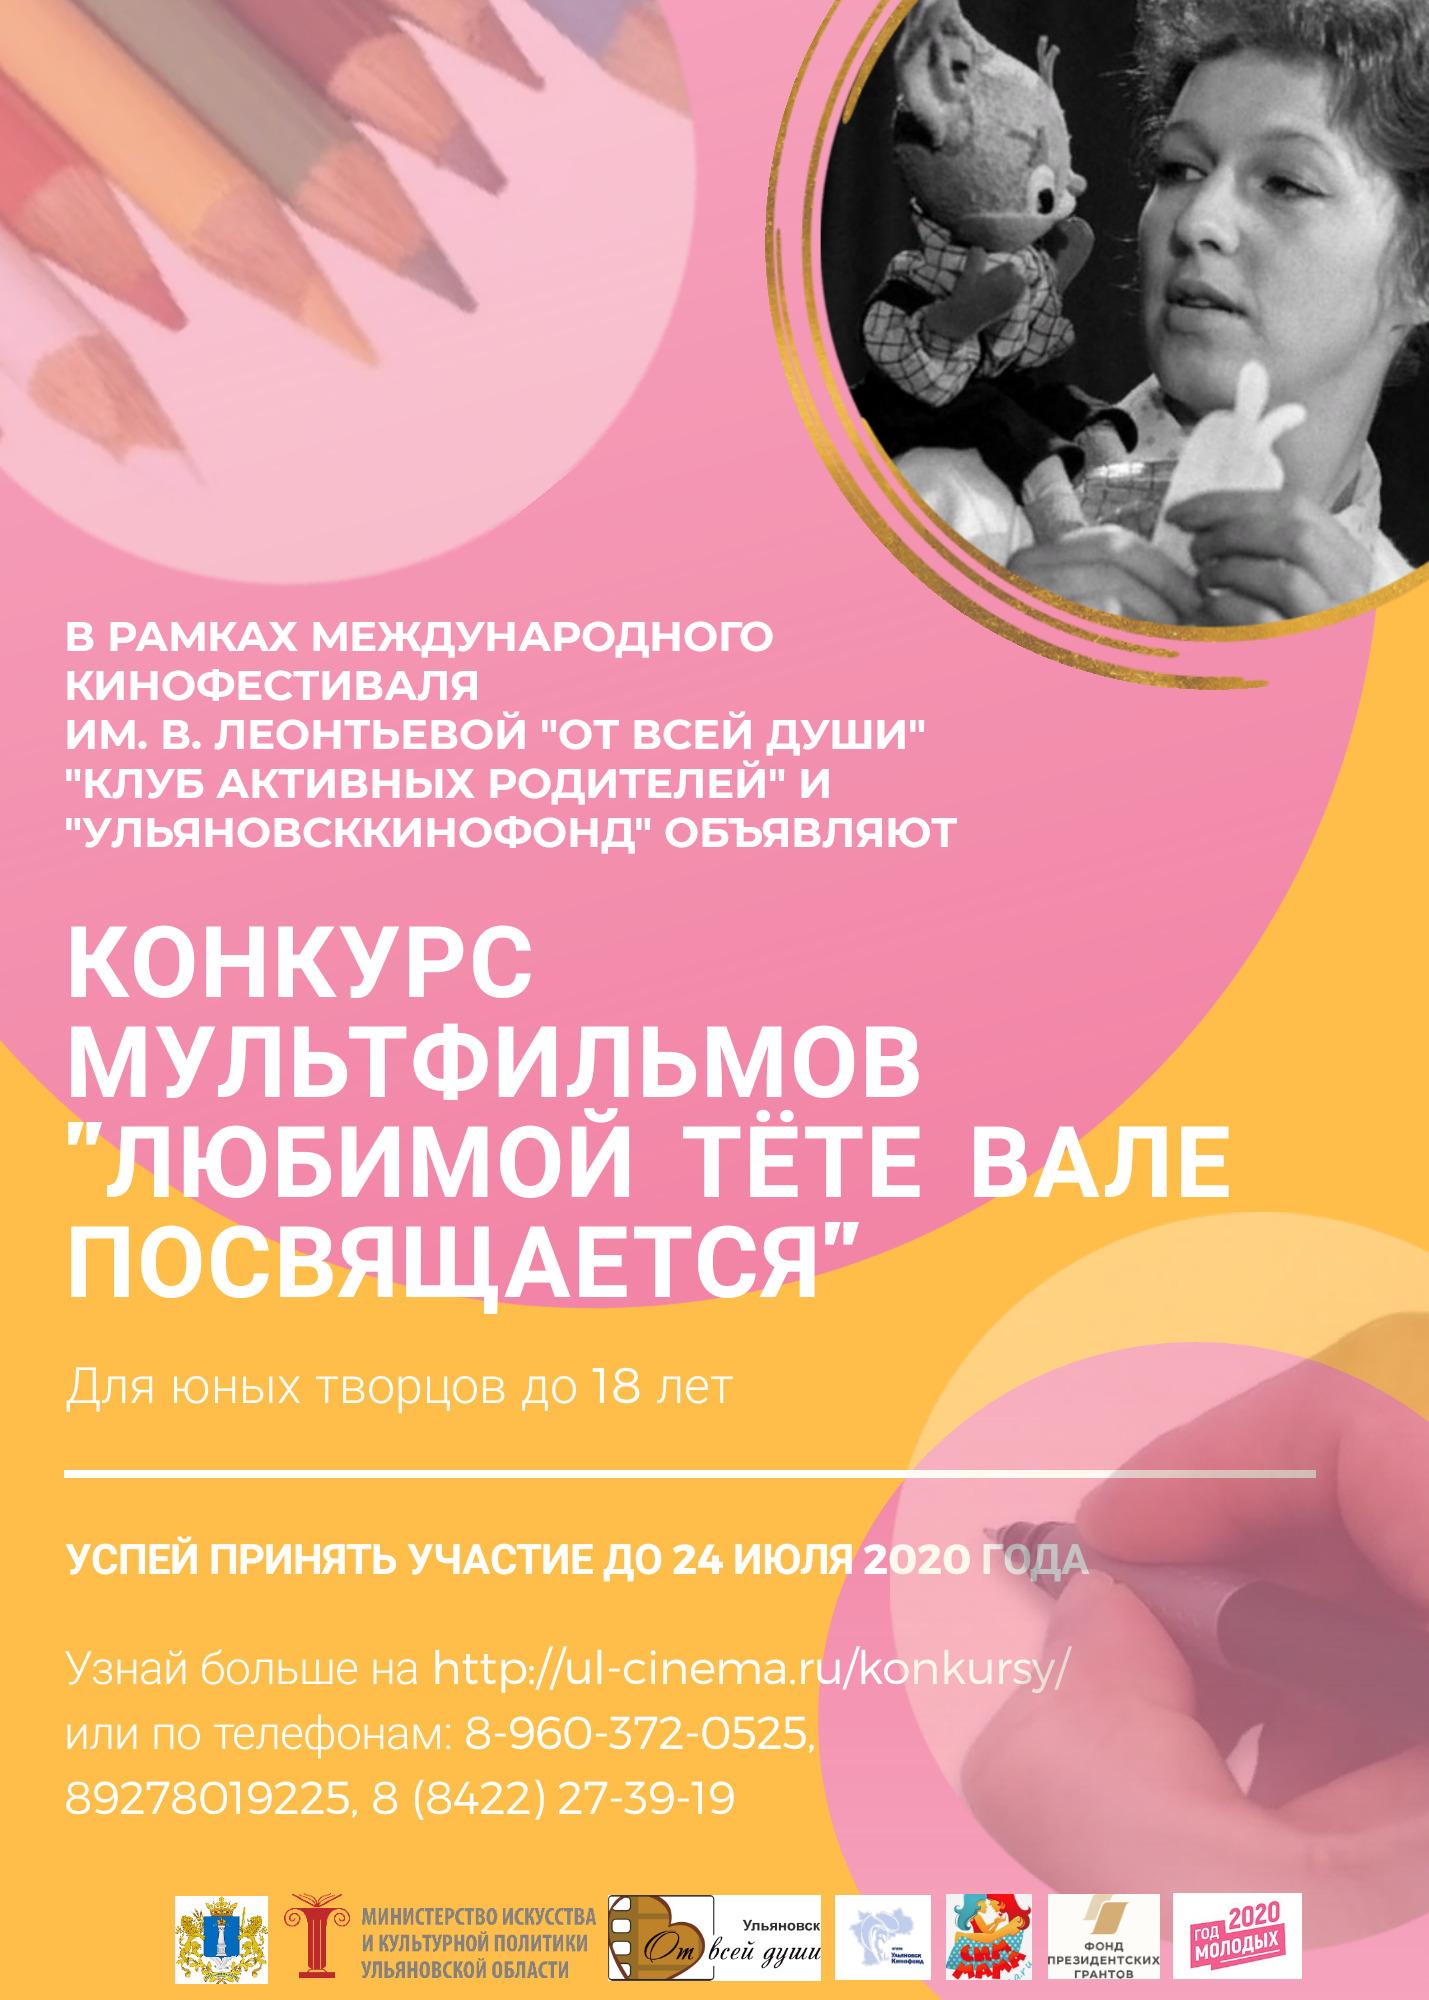 Онлайн-трансляция мультфильмов-участников конкурса «Любимой тете Вале посвящается»